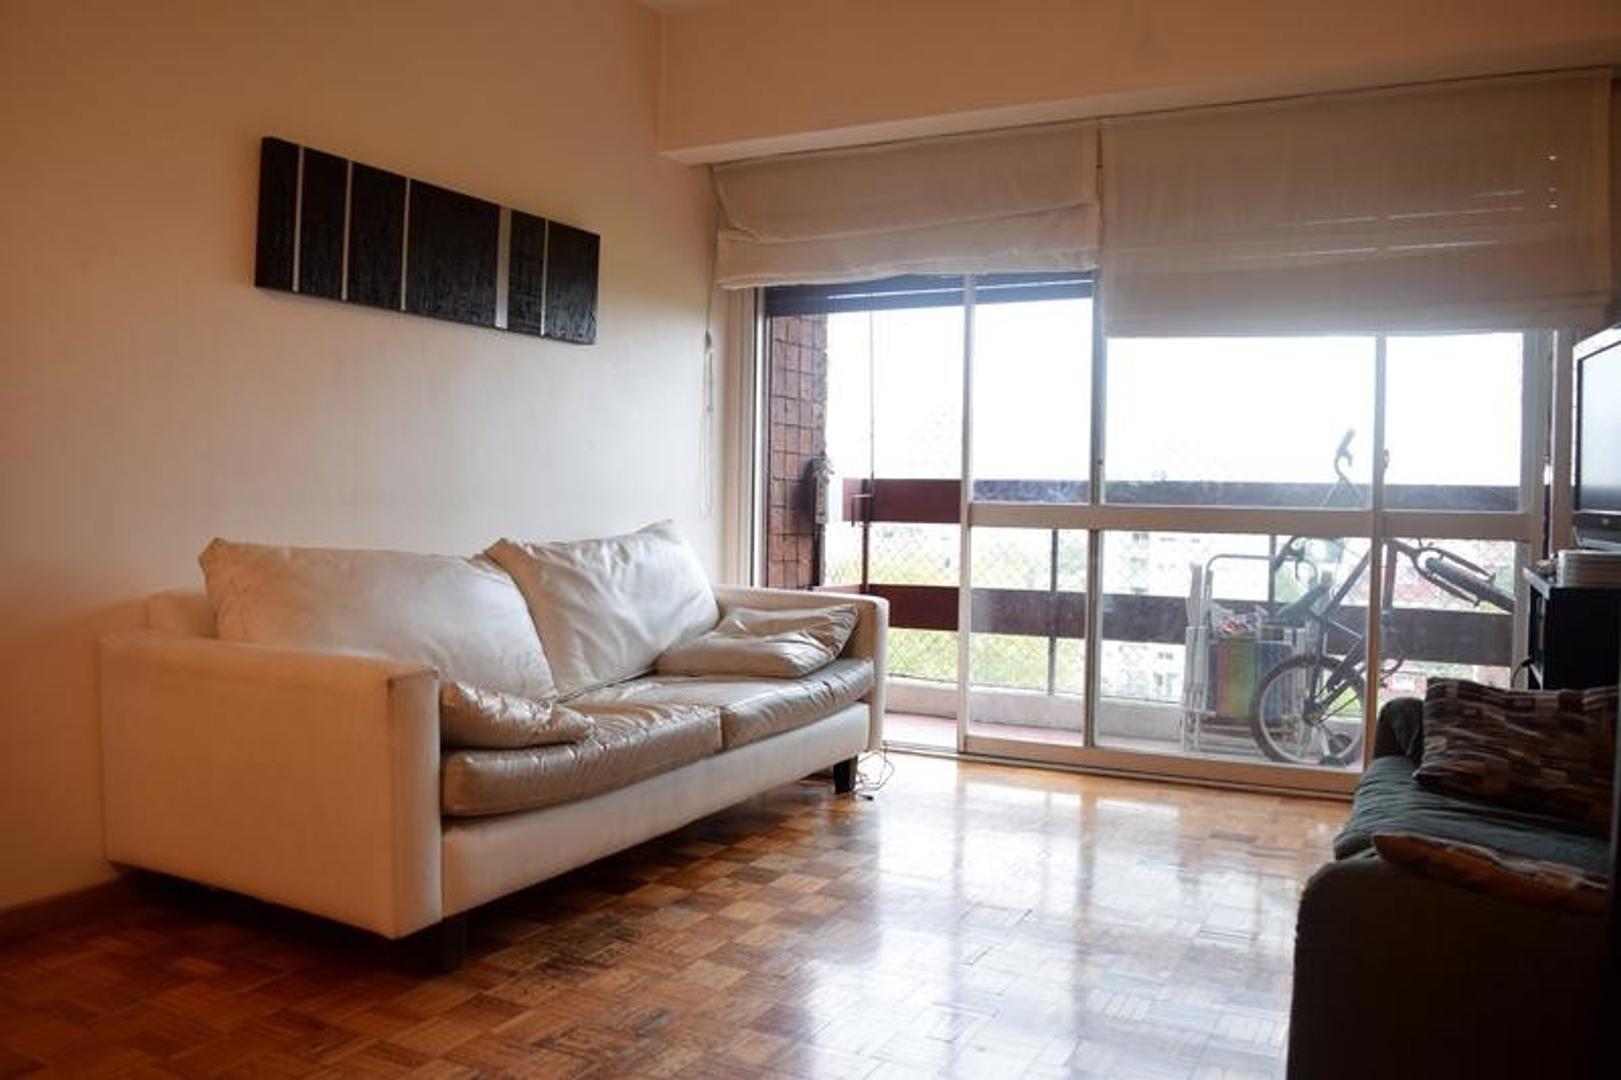 Departamento - 3 dormitorios - Cochera - Belgrano R